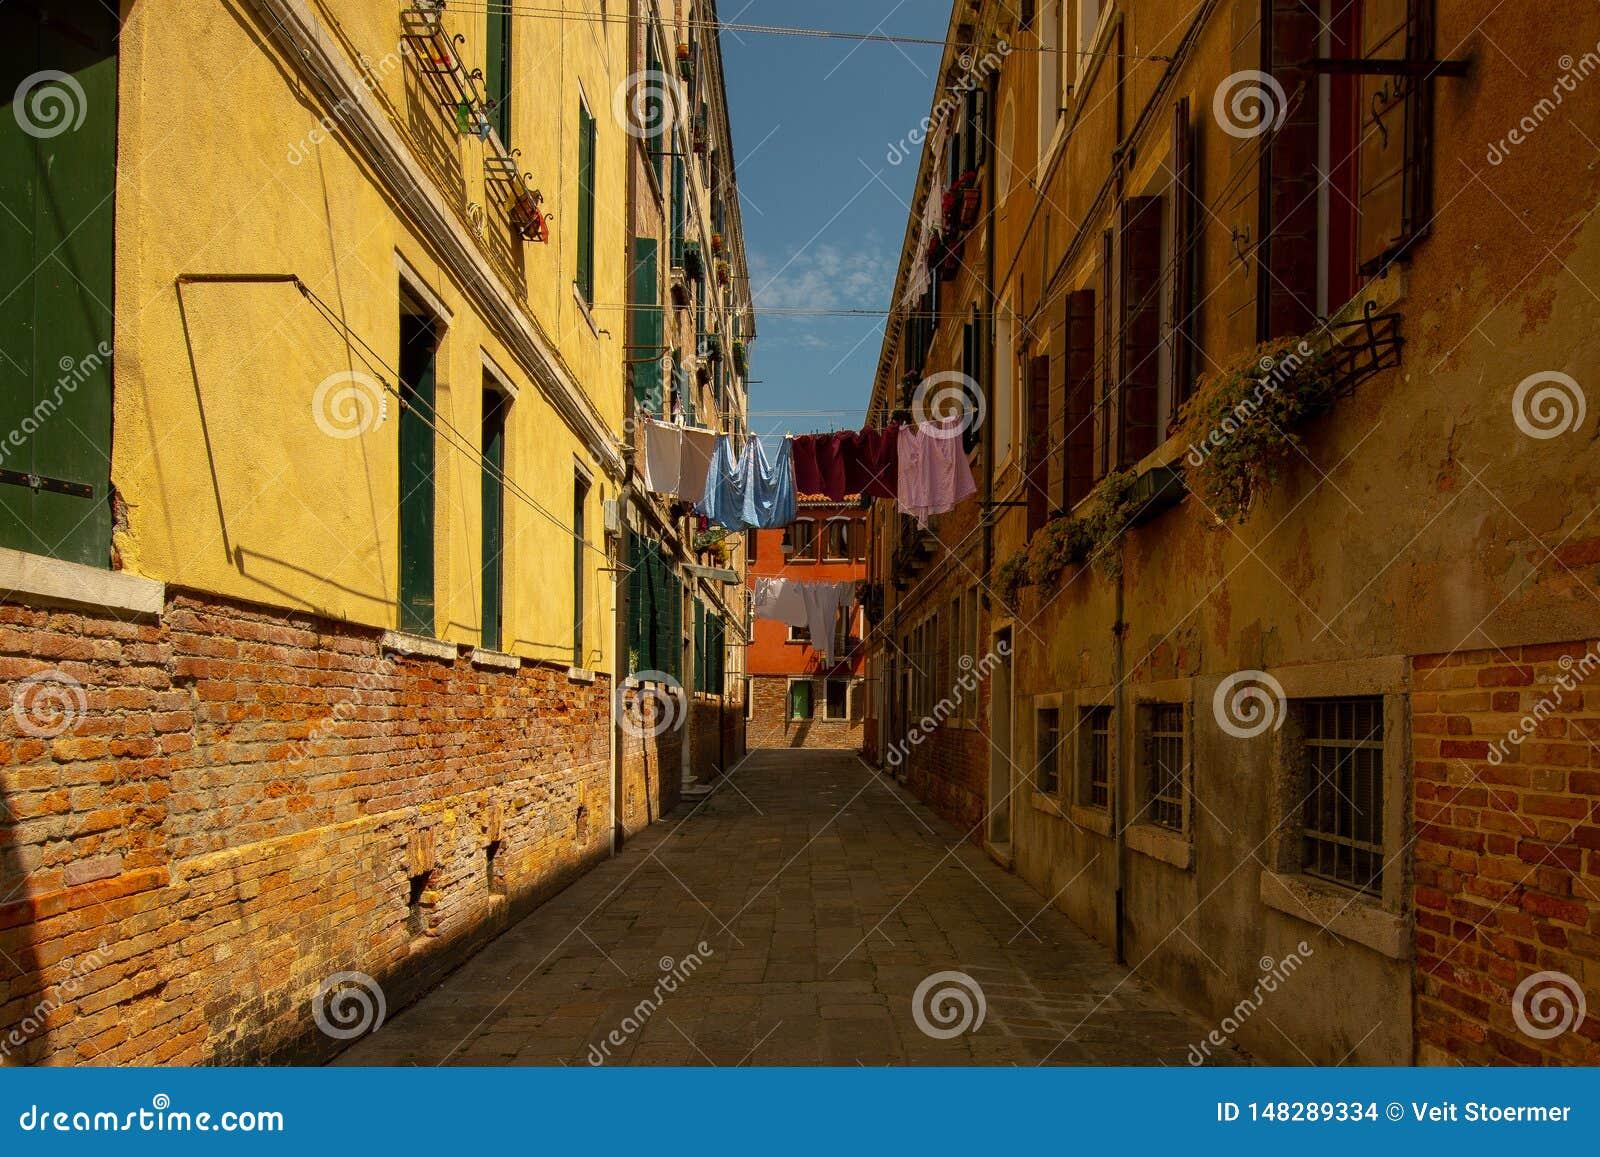 Une petite allée à Venise